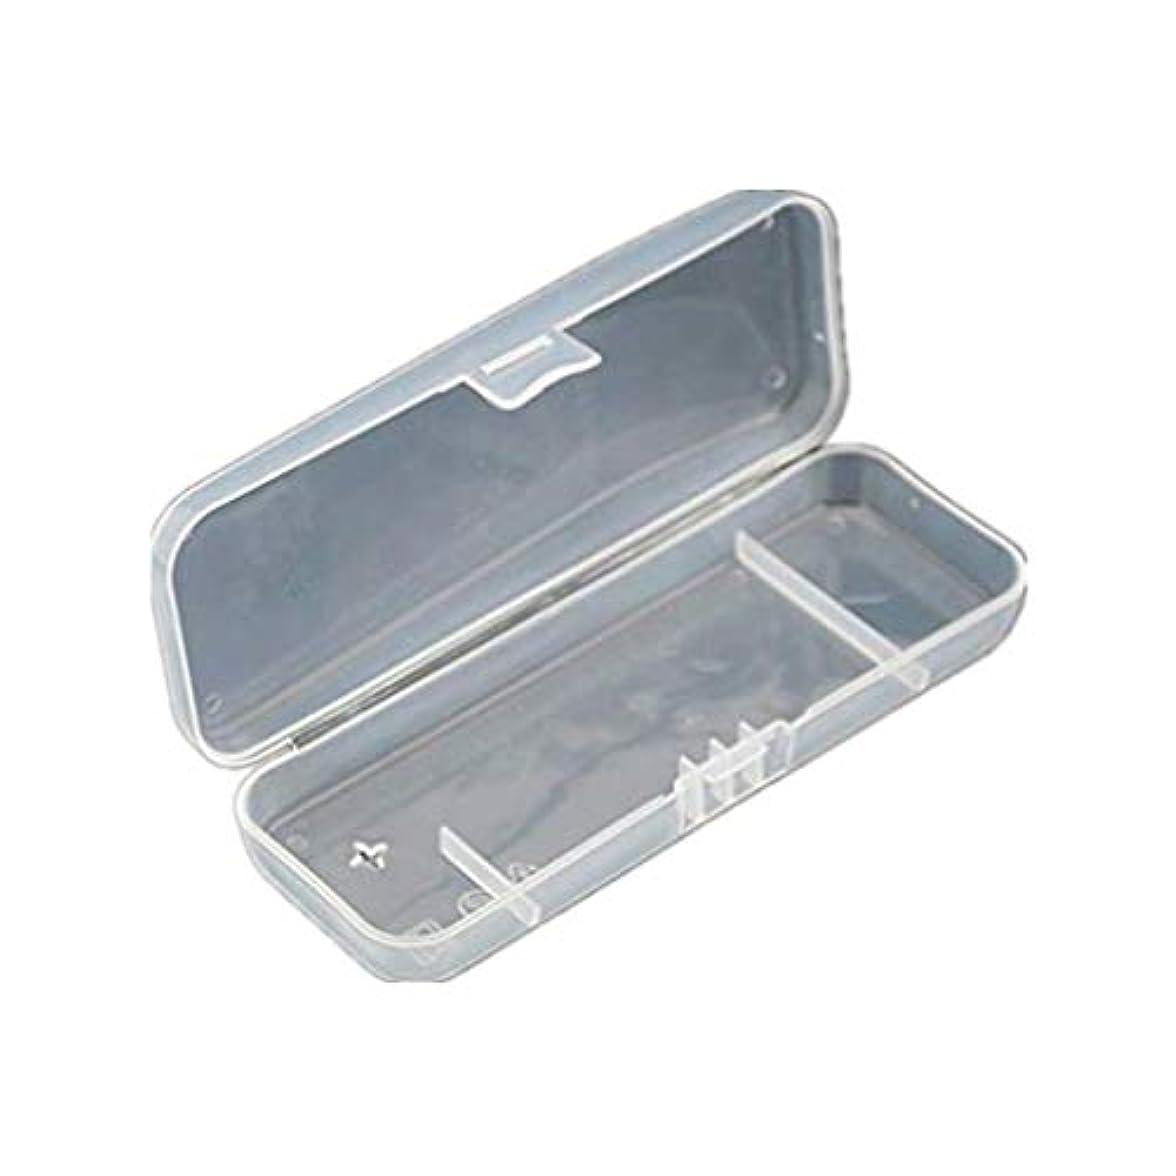 恩恵式キッチン旅行のためのポータブルトラベルABSカバーマニュアルレイザー保護透明ボックスホルダーカバー男性シェービングケース